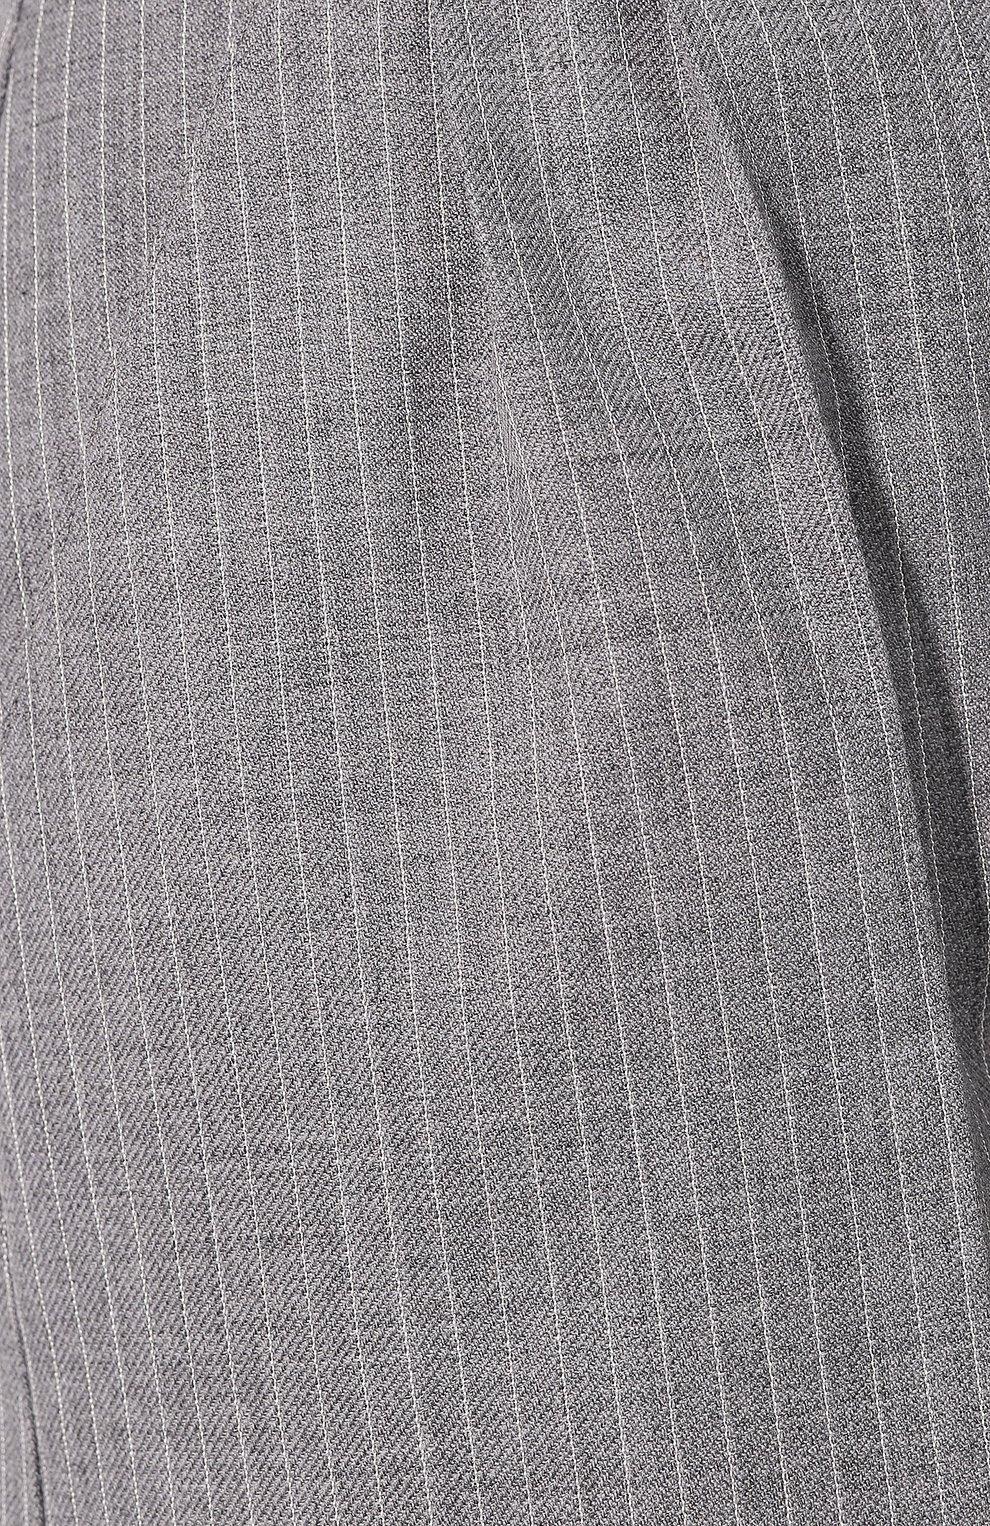 Женские шорты из шерсти и шелка LOEWE серого цвета, арт. S540331X75   Фото 5 (Женское Кросс-КТ: Шорты-одежда; Материал внешний: Шерсть; Длина Ж (юбки, платья, шорты): Мини; Стили: Минимализм, Кэжуэл)